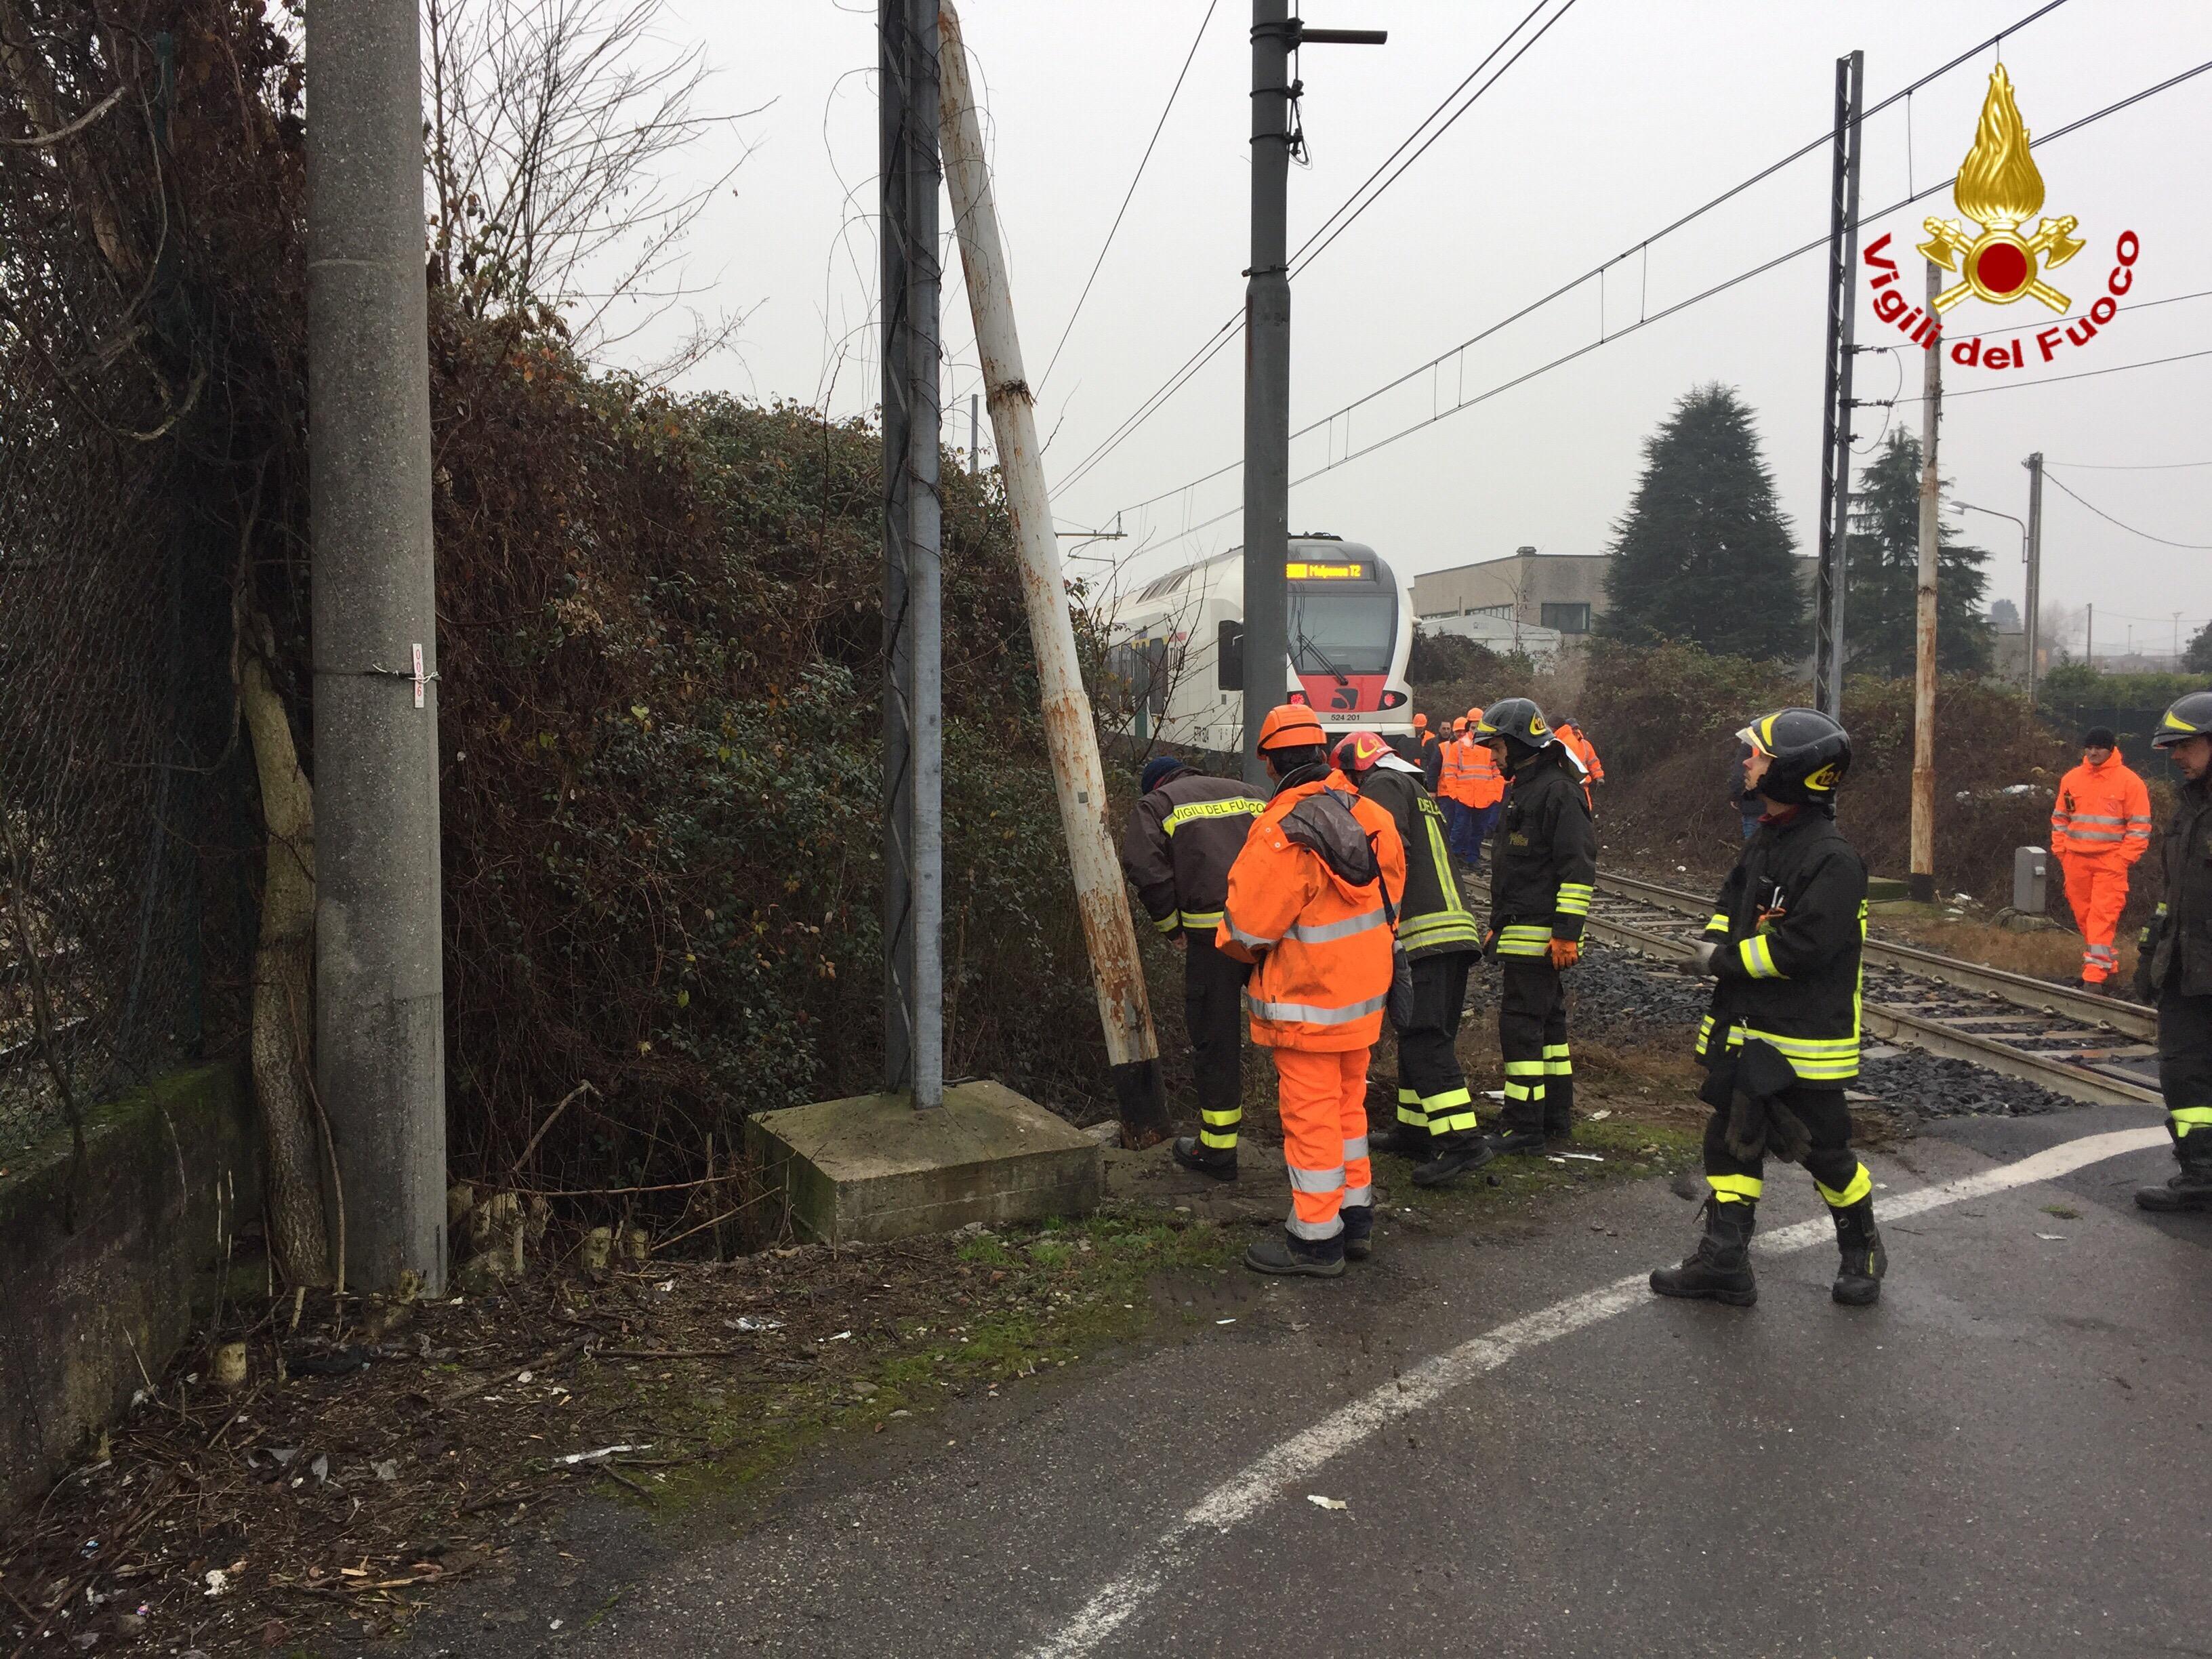 Camion colpito da un treno sulla linea ferroviaria Luino-Gallarate, disagi sulla circolazione